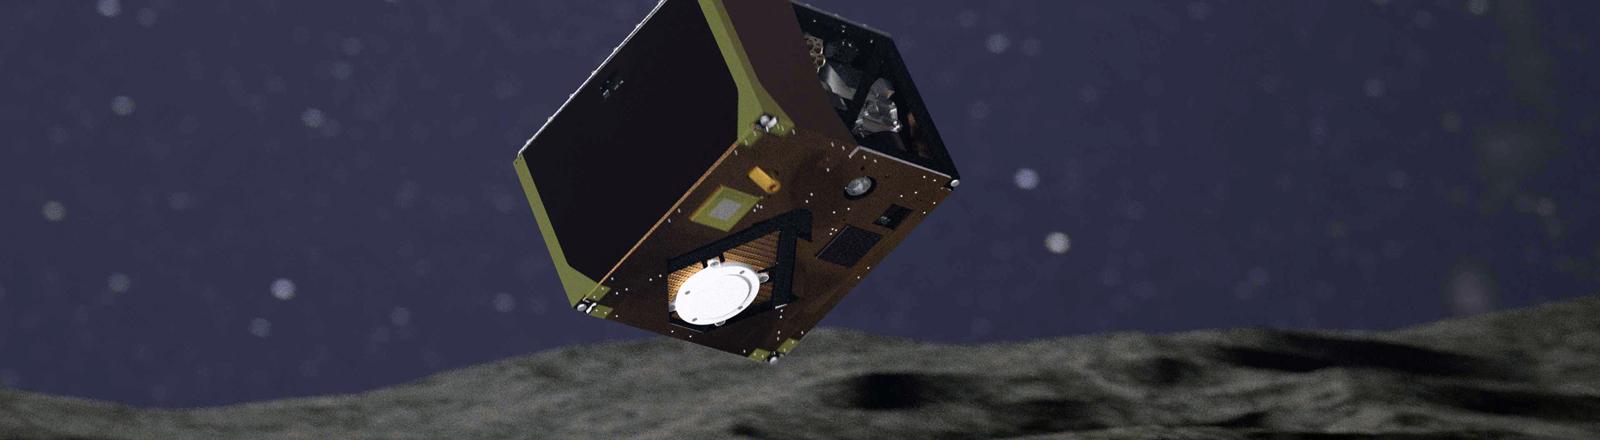 Mascot landet auf dem Asteroiden Ryugu.